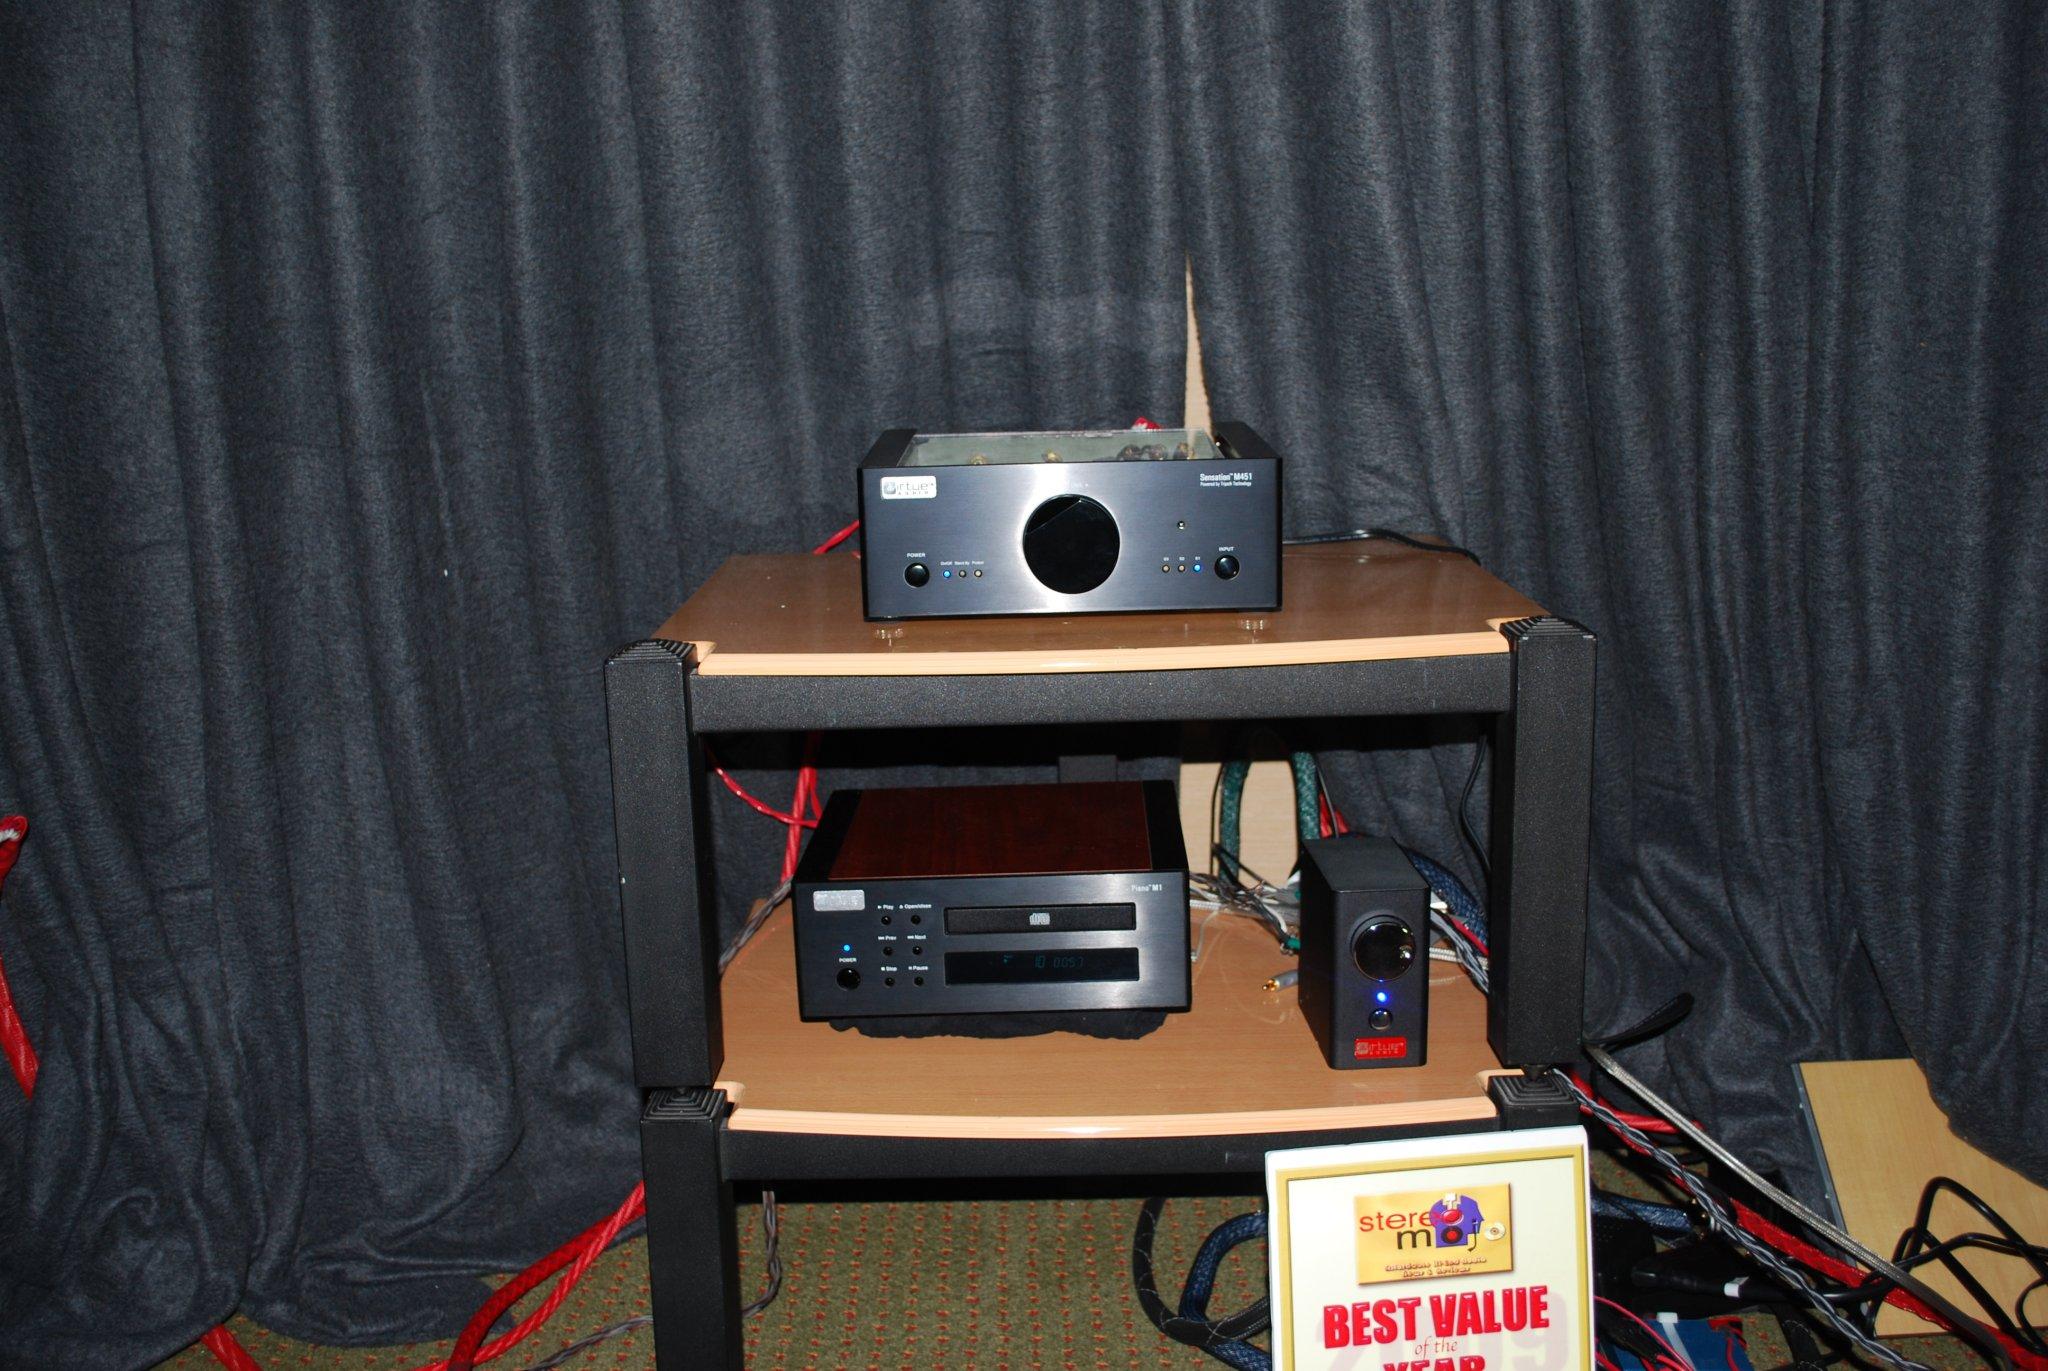 http://lonestaraudiofest.com/2010/Photos/Dsc_0029.jpg